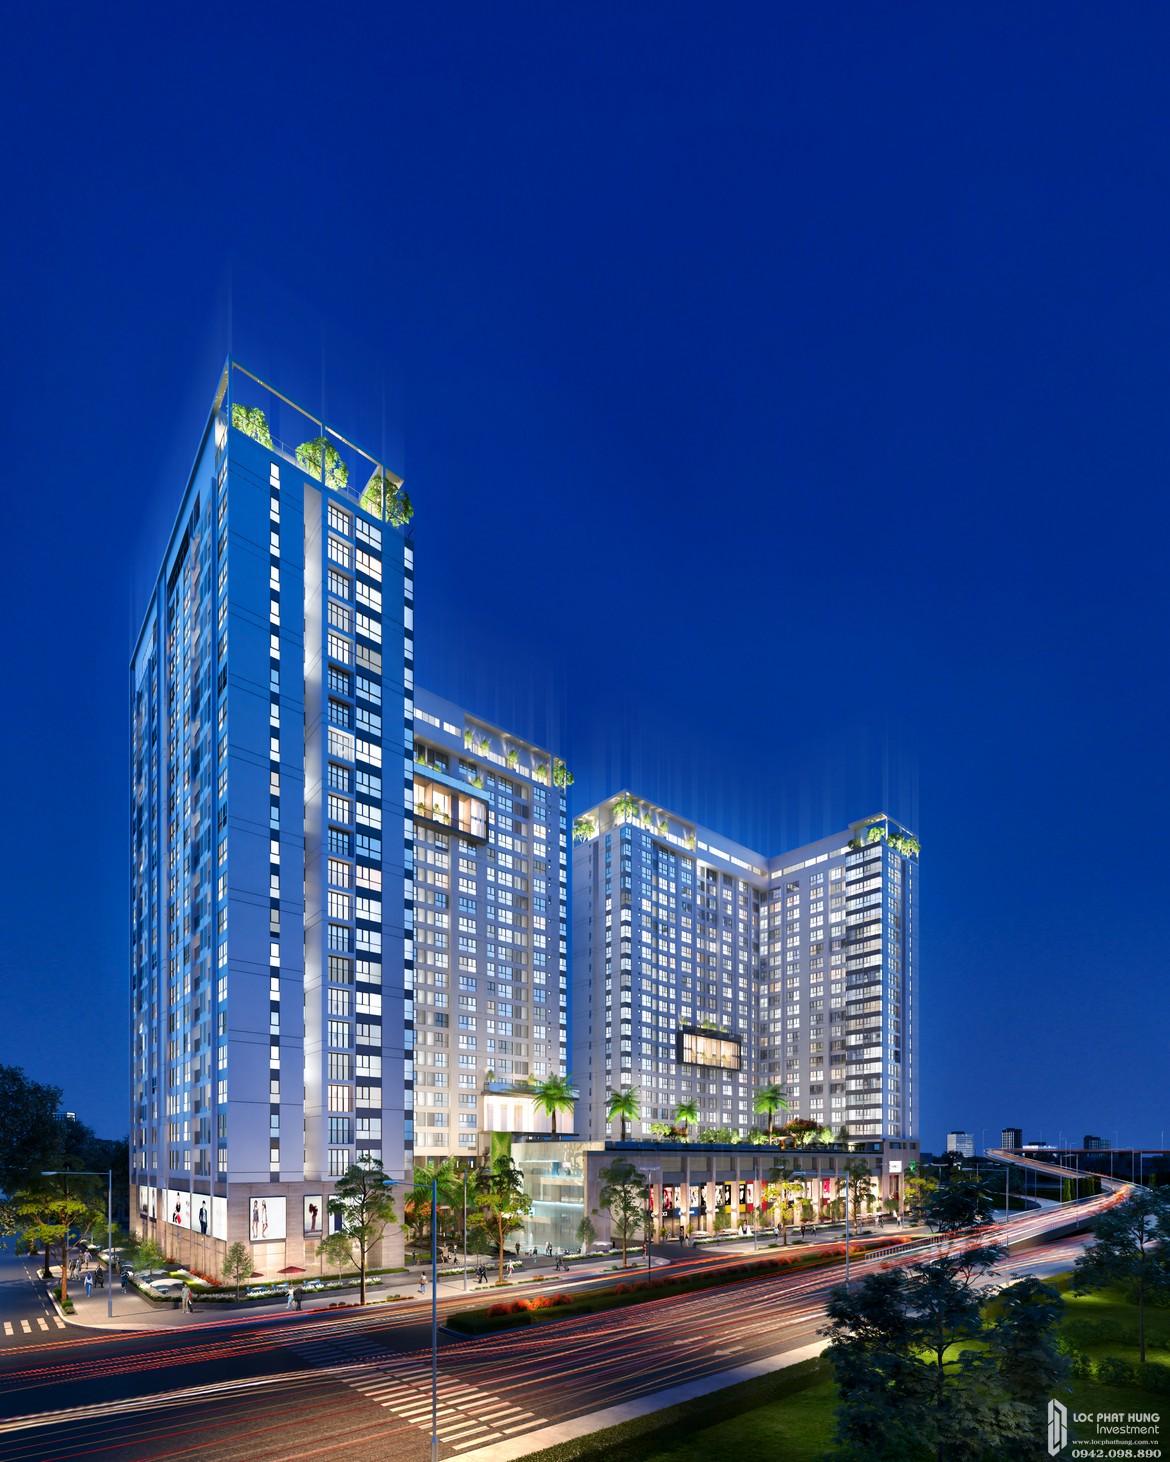 Khối đế căn hộ chung cư La Premier Thạnh Mỹ Lợi Quận 2 là trung tâm thương mại phục vụ cộng đồng cư dân và khu vực lân cận